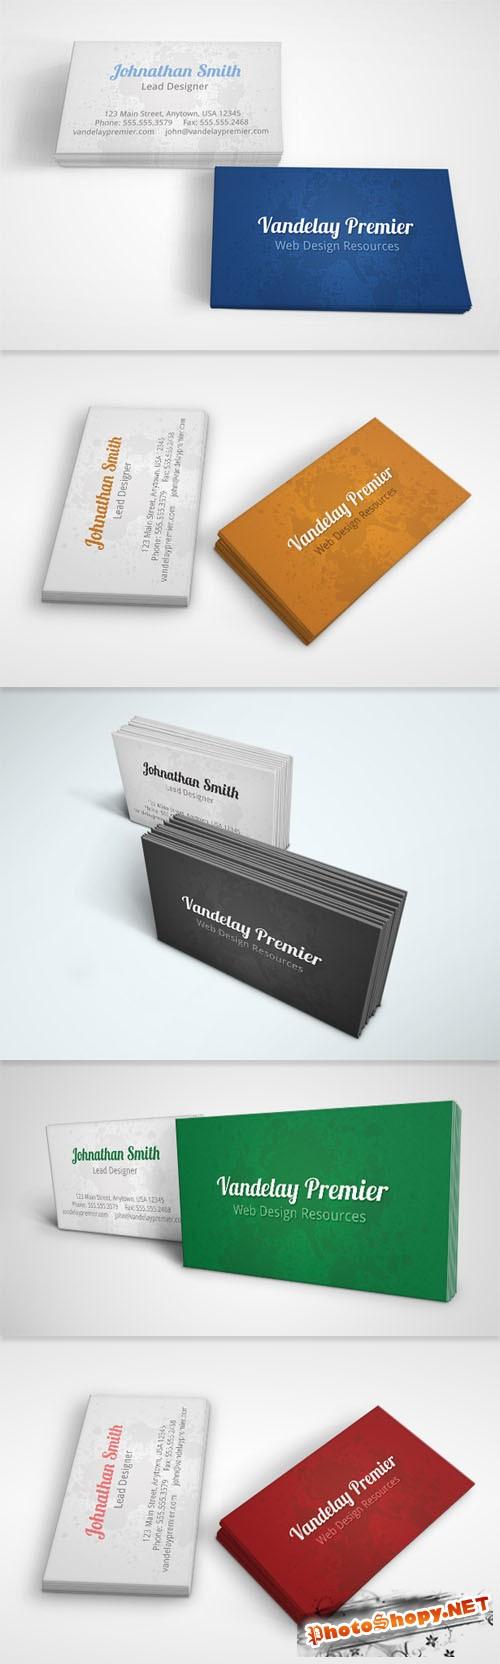 Subtle Splatter Business Card PSD Template